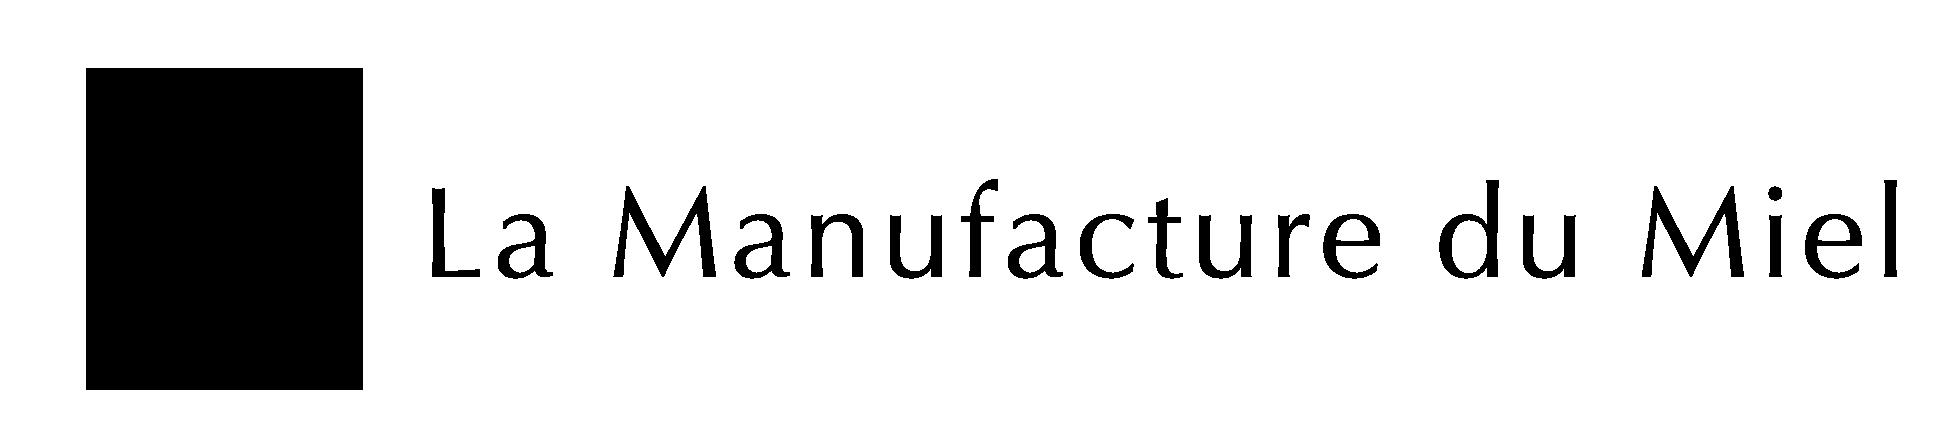 La Manufacture du Miel